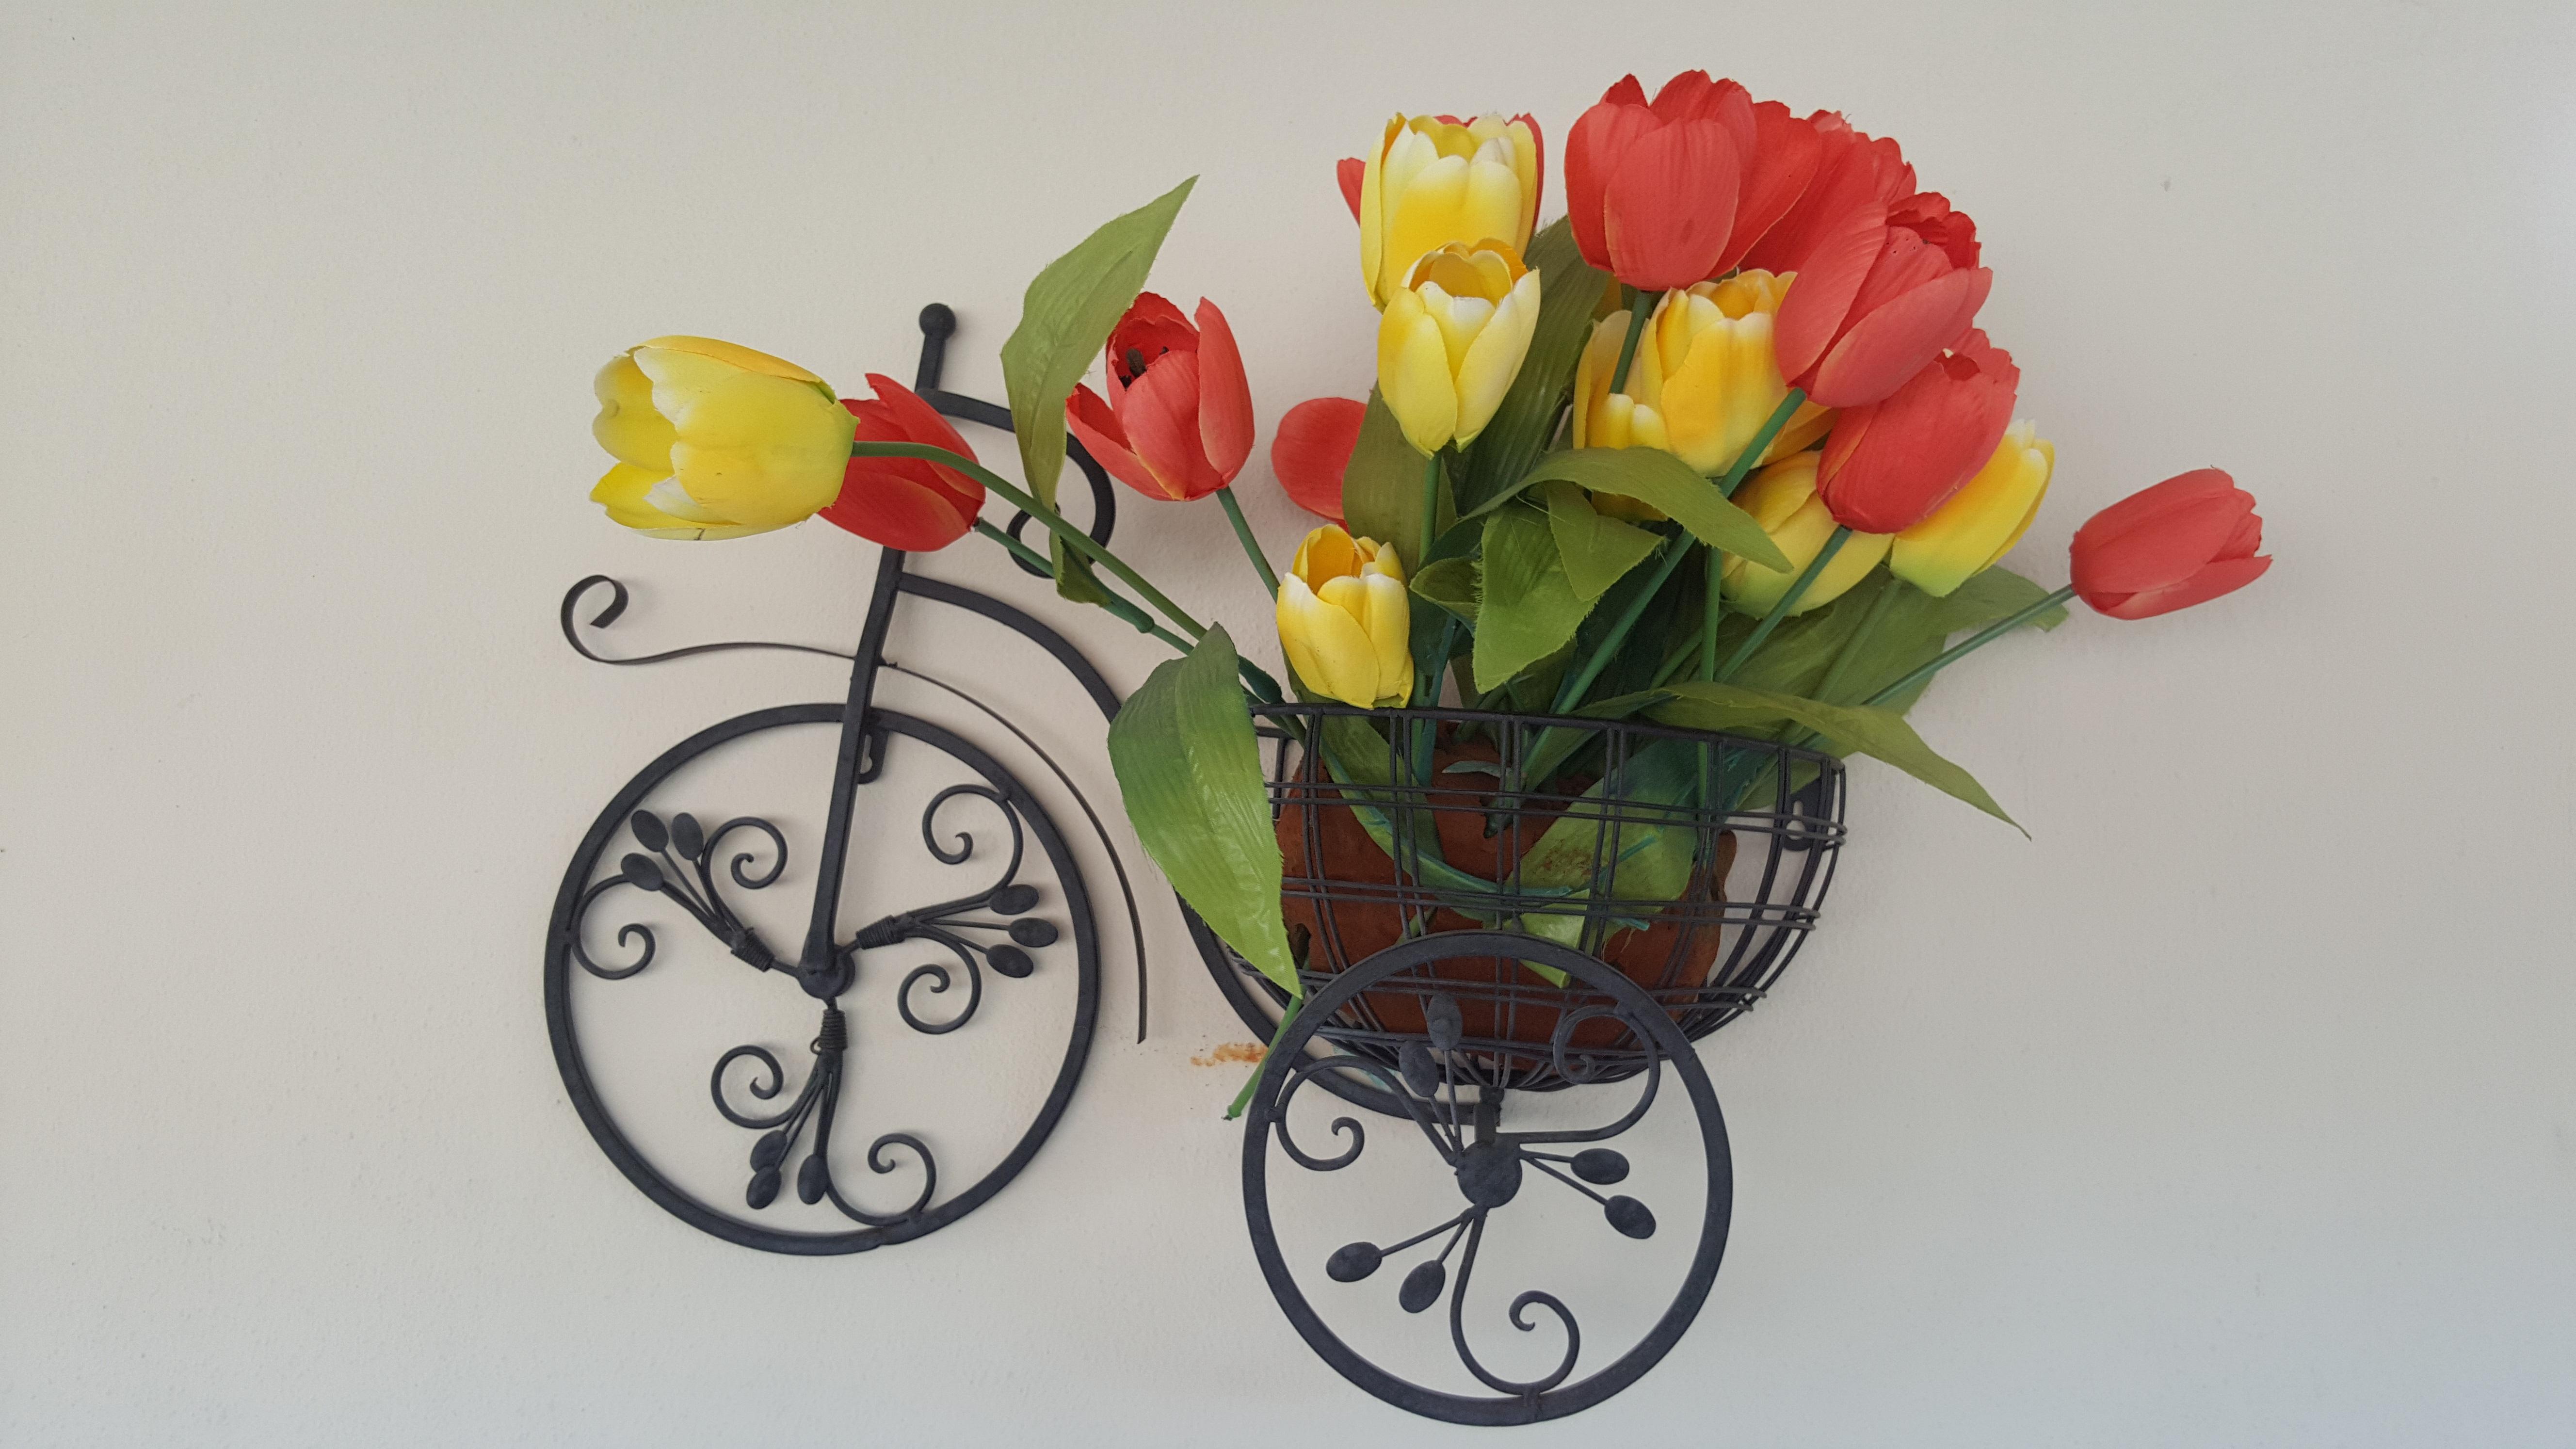 Images Gratuites Velo Mur Vase Decoration Printemps Jardin